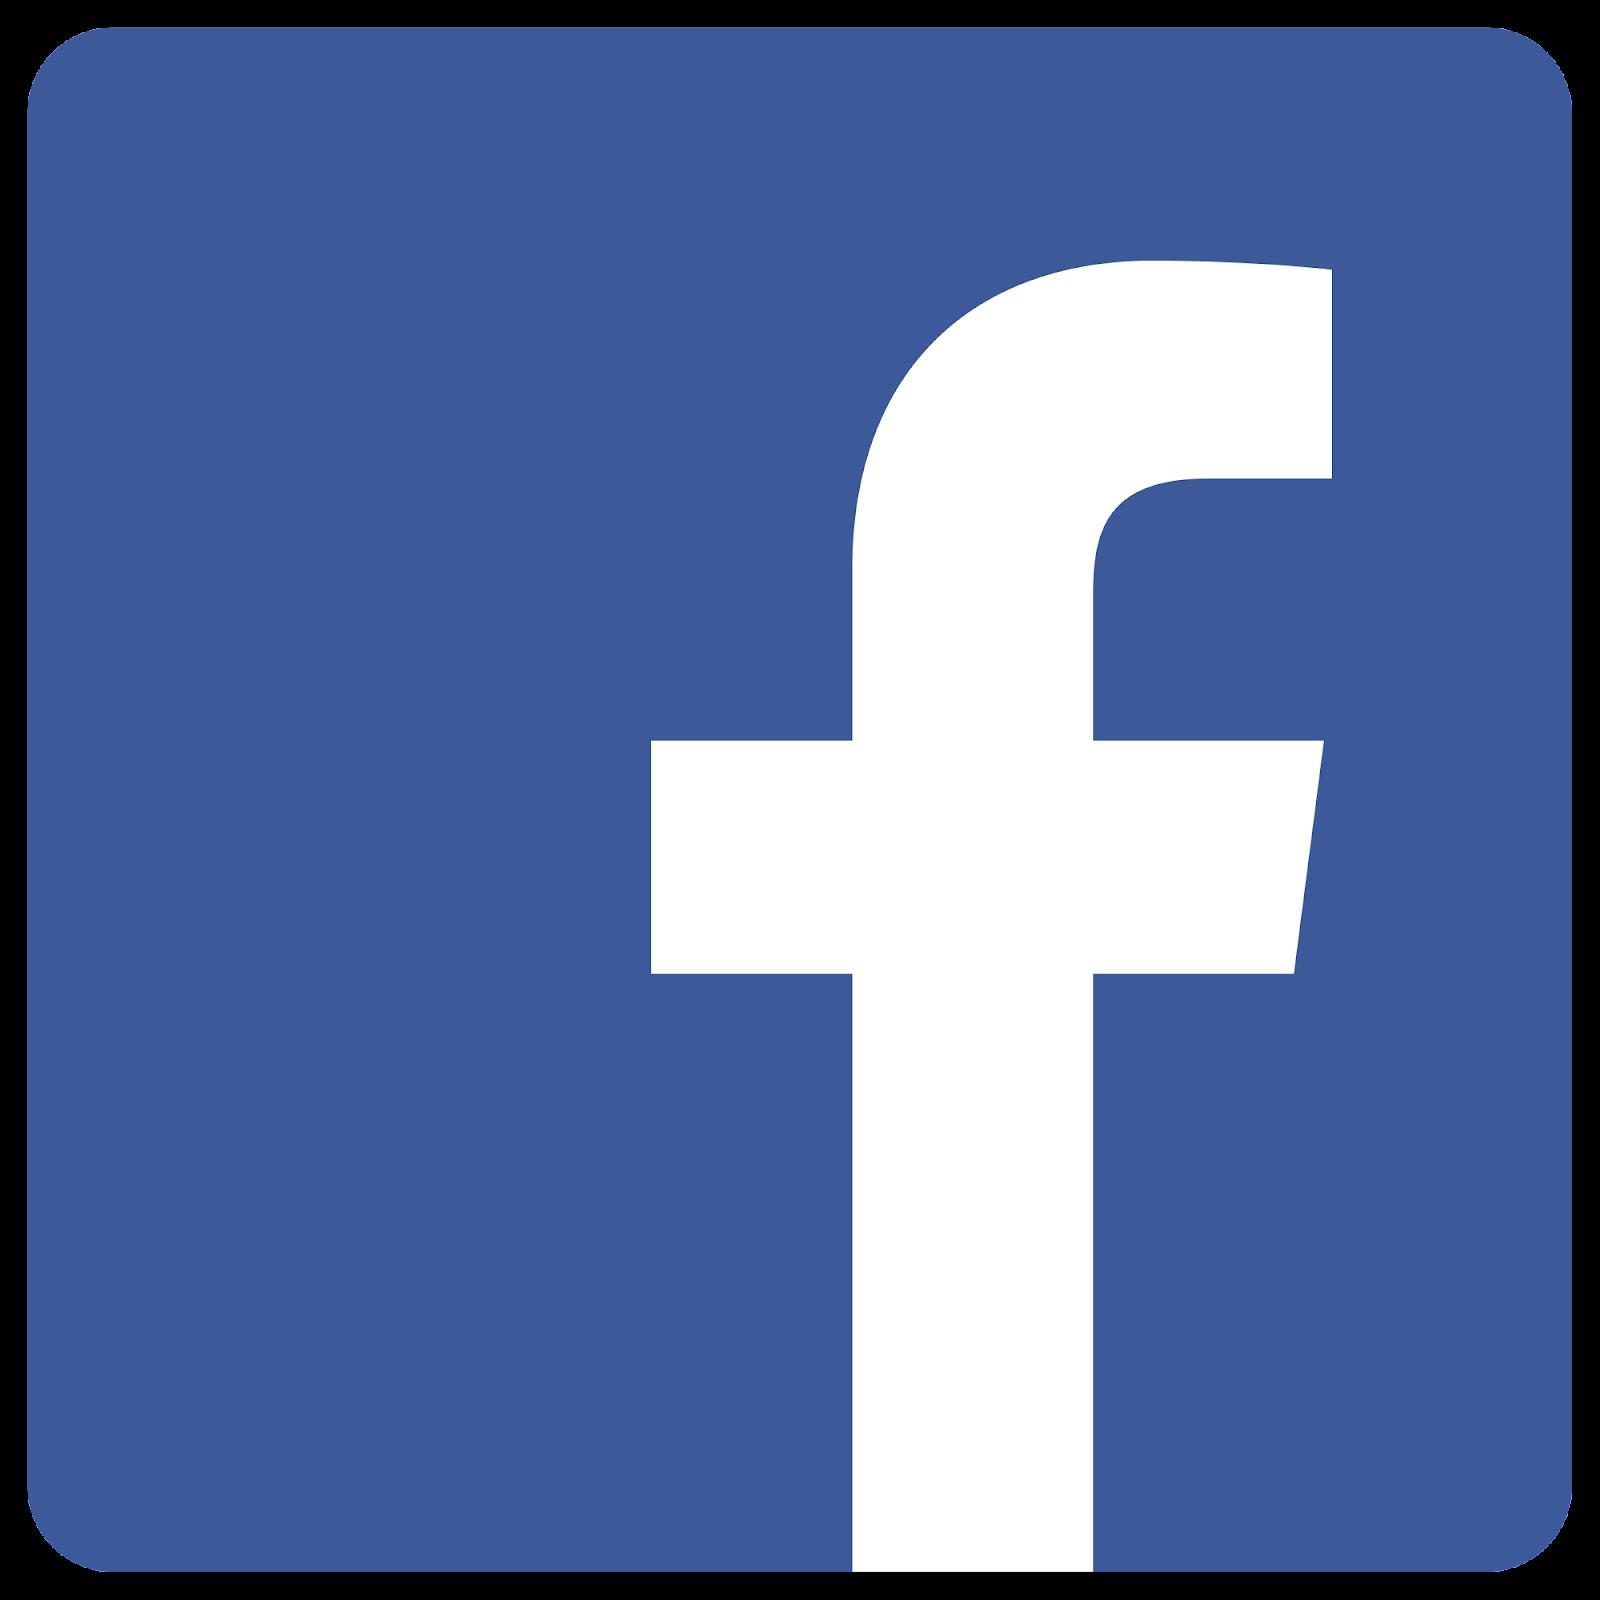 Deutsch: Facebook ist ein